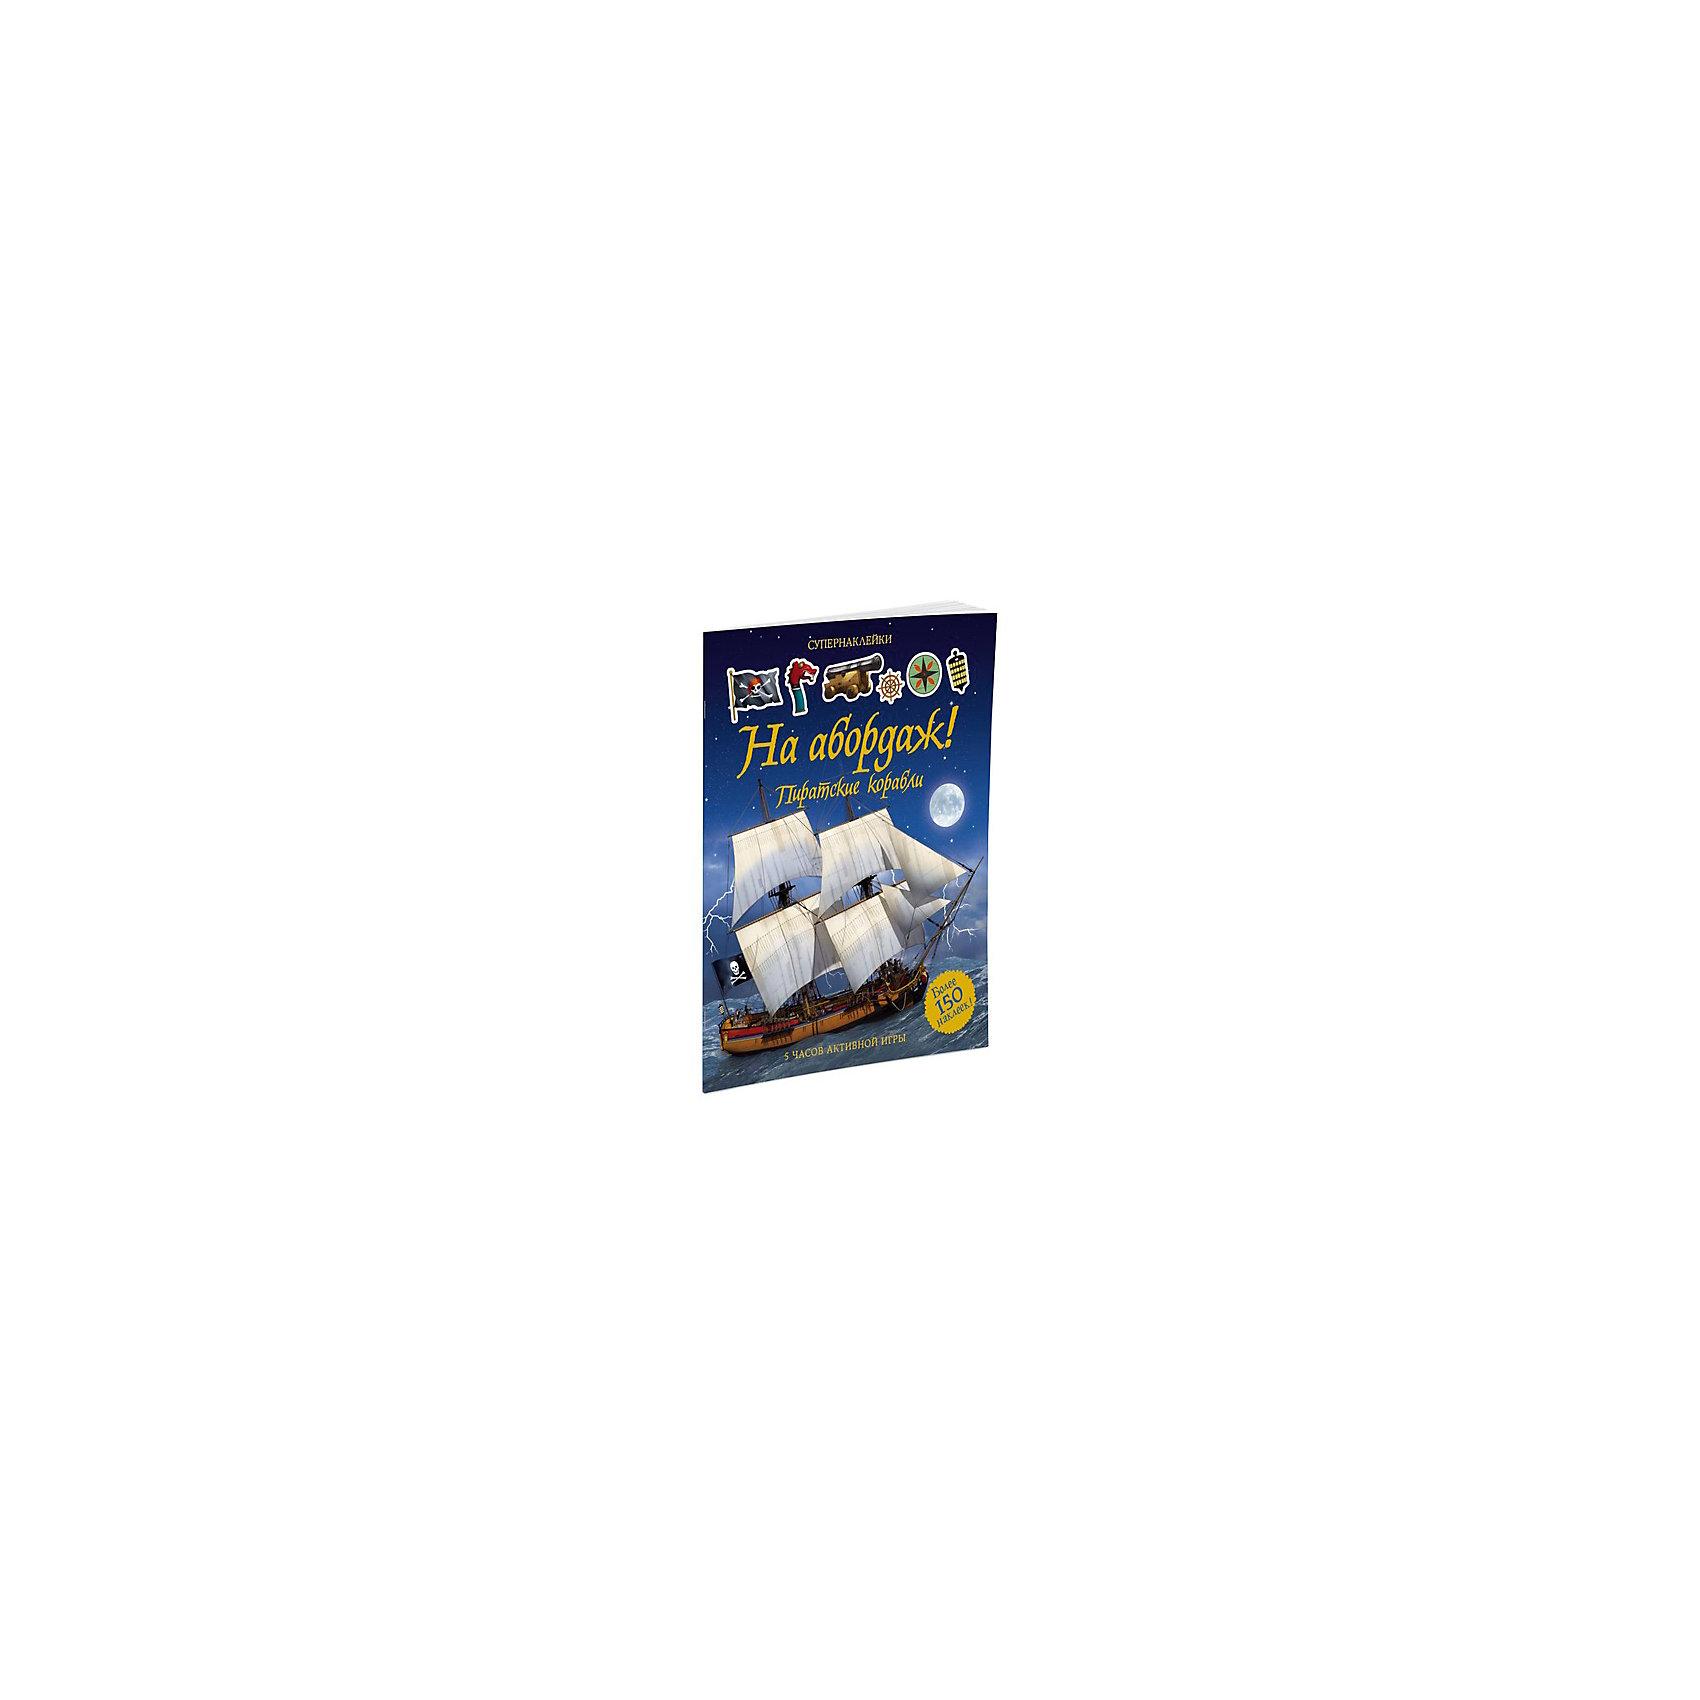 Наклейки На абордаж! Пиратские корабли, MACHAONМахаон<br>Книжка На абордаж! Пиратские корабли.<br><br>Характеристики:<br><br>• Для детей в возрасте: от 12 месяцев до 3 лет<br>• Автор: С. Тадхоуп<br>• Переводчик: И. Евтишенков<br>• Иллюстратор: Л. Дерьен<br>• Издательство: Махаон, 2017 год<br>• Серия: Супернаклейки<br>• Тип обложки: мягкий переплет (крепление скрепкой или клеем)<br>• Оформление: с наклейками (более 150 наклеек)<br>• Иллюстрации: цветные<br>• Количество страниц: 24<br>• Размер: 305x240x4 мм.<br>• Вес: 302 гр.<br>• ISBN: 9785389122598<br><br>На каких кораблях плавали пираты с берегов Японии, а на каких устраивали свои варварские набеги безжалостные викинги? Окунись в захватывающий мир морских разбойников, а с помощью наклеек сделай каждый корабль уникальным.<br><br>Книжку На абордаж! Пиратские корабли можно купить в нашем интернет-магазине.<br><br>Ширина мм: 305<br>Глубина мм: 240<br>Высота мм: 40<br>Вес г: 302<br>Возраст от месяцев: 12<br>Возраст до месяцев: 36<br>Пол: Мужской<br>Возраст: Детский<br>SKU: 5493461